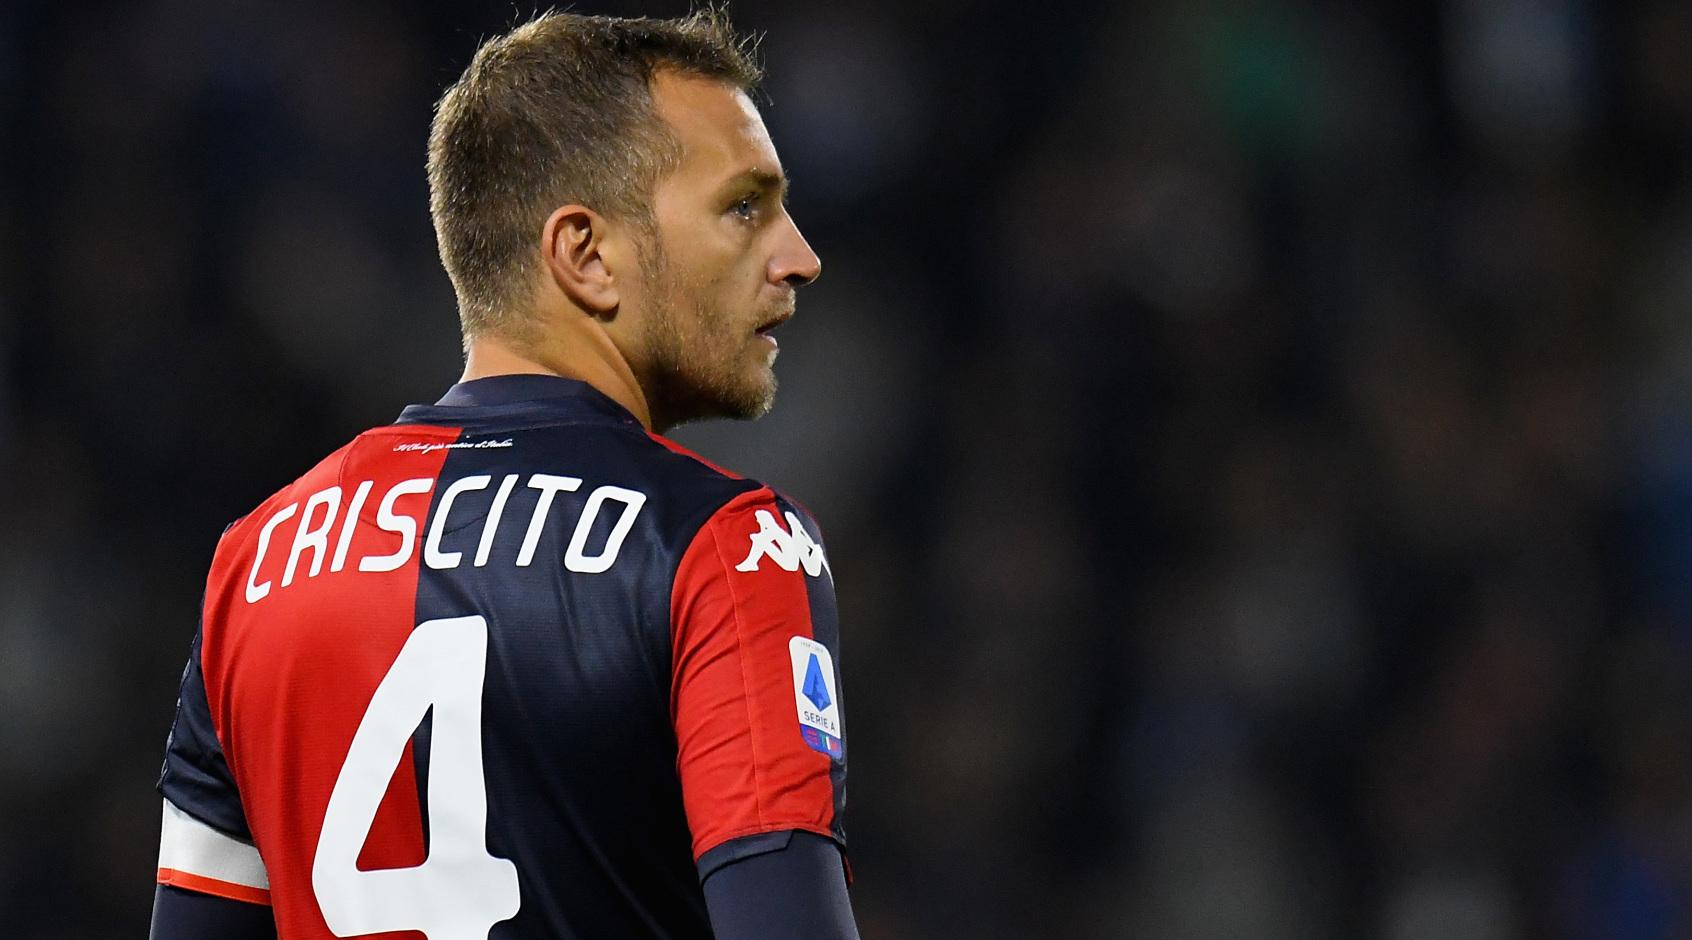 Доменико Кришито покинул расположение сборной Италии из-за повреждения